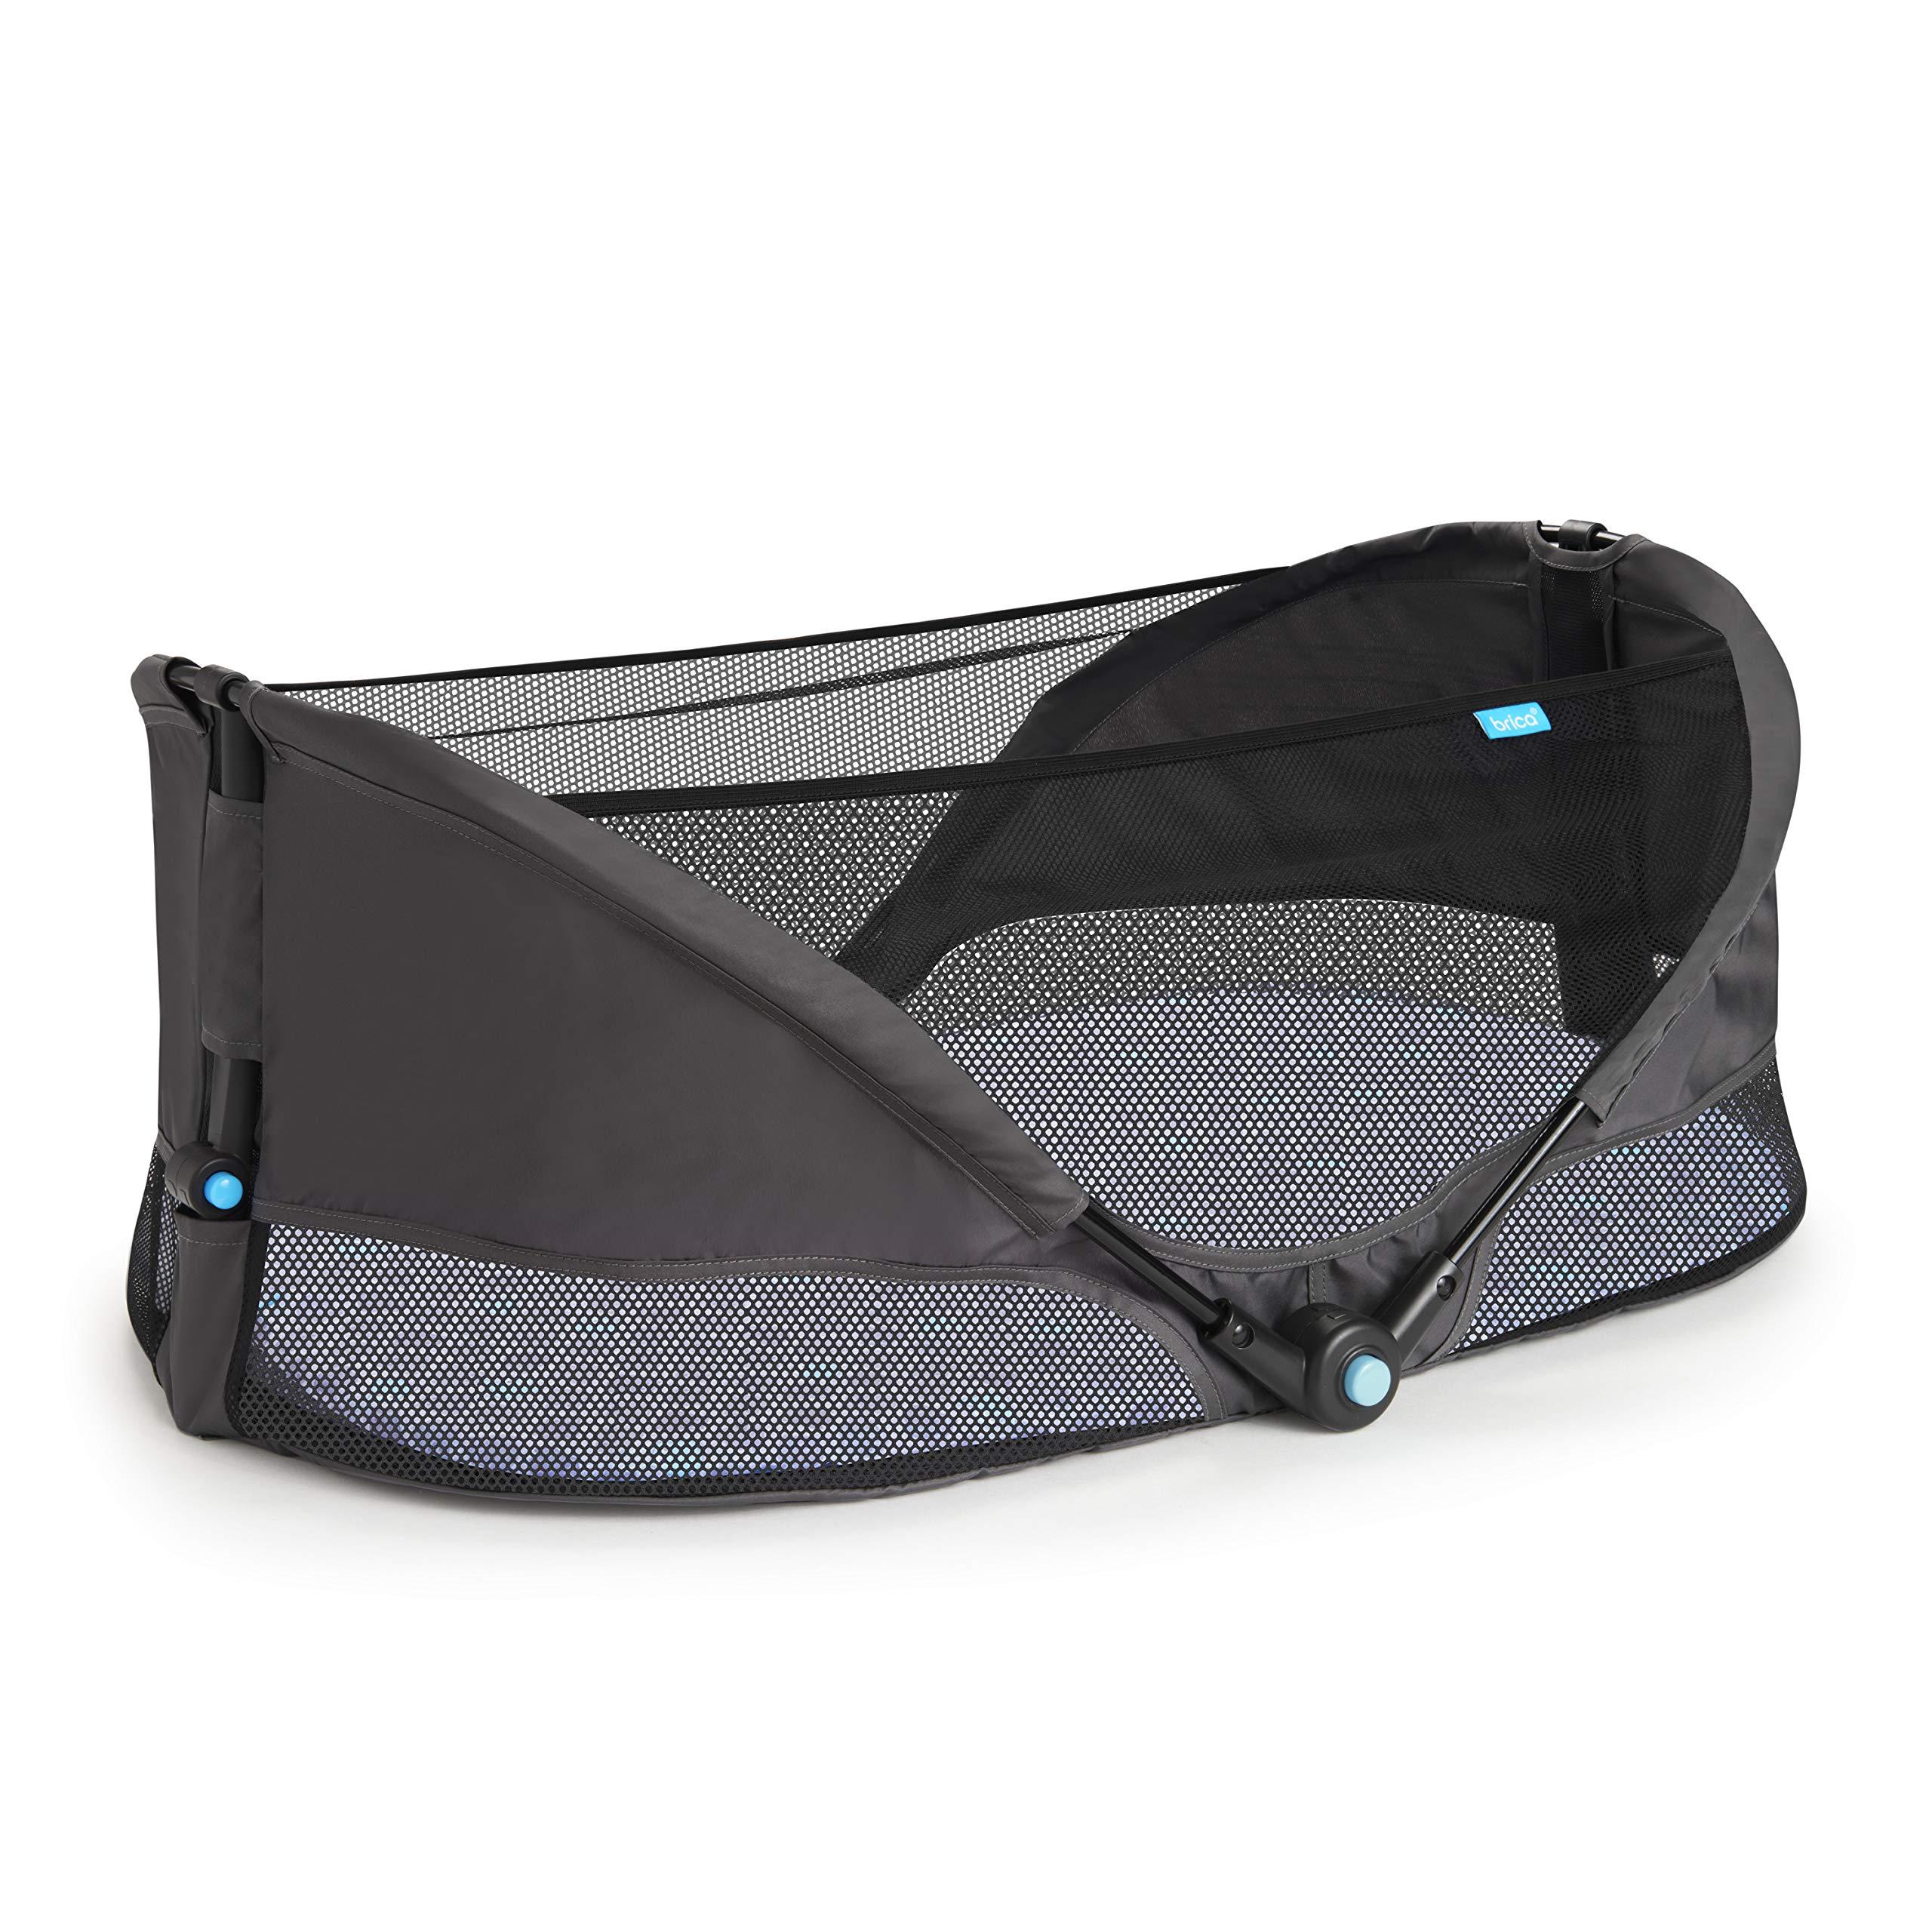 Munchkin Brica Fold N' Go Travel Bassinet, Grey by Munchkin